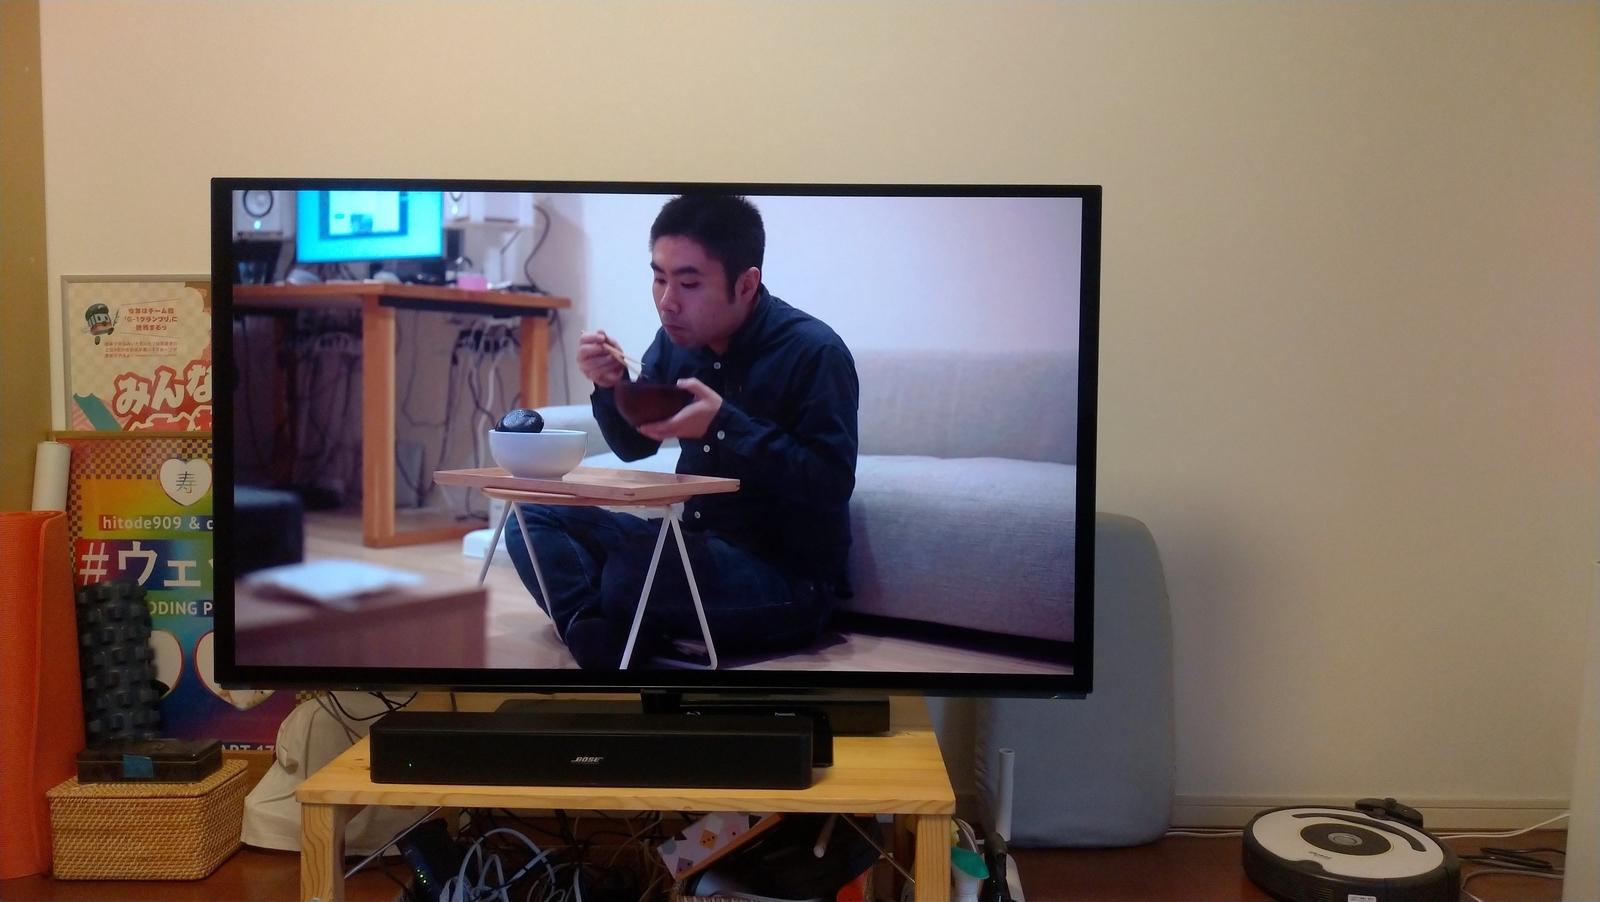 テレビ買ったの画像